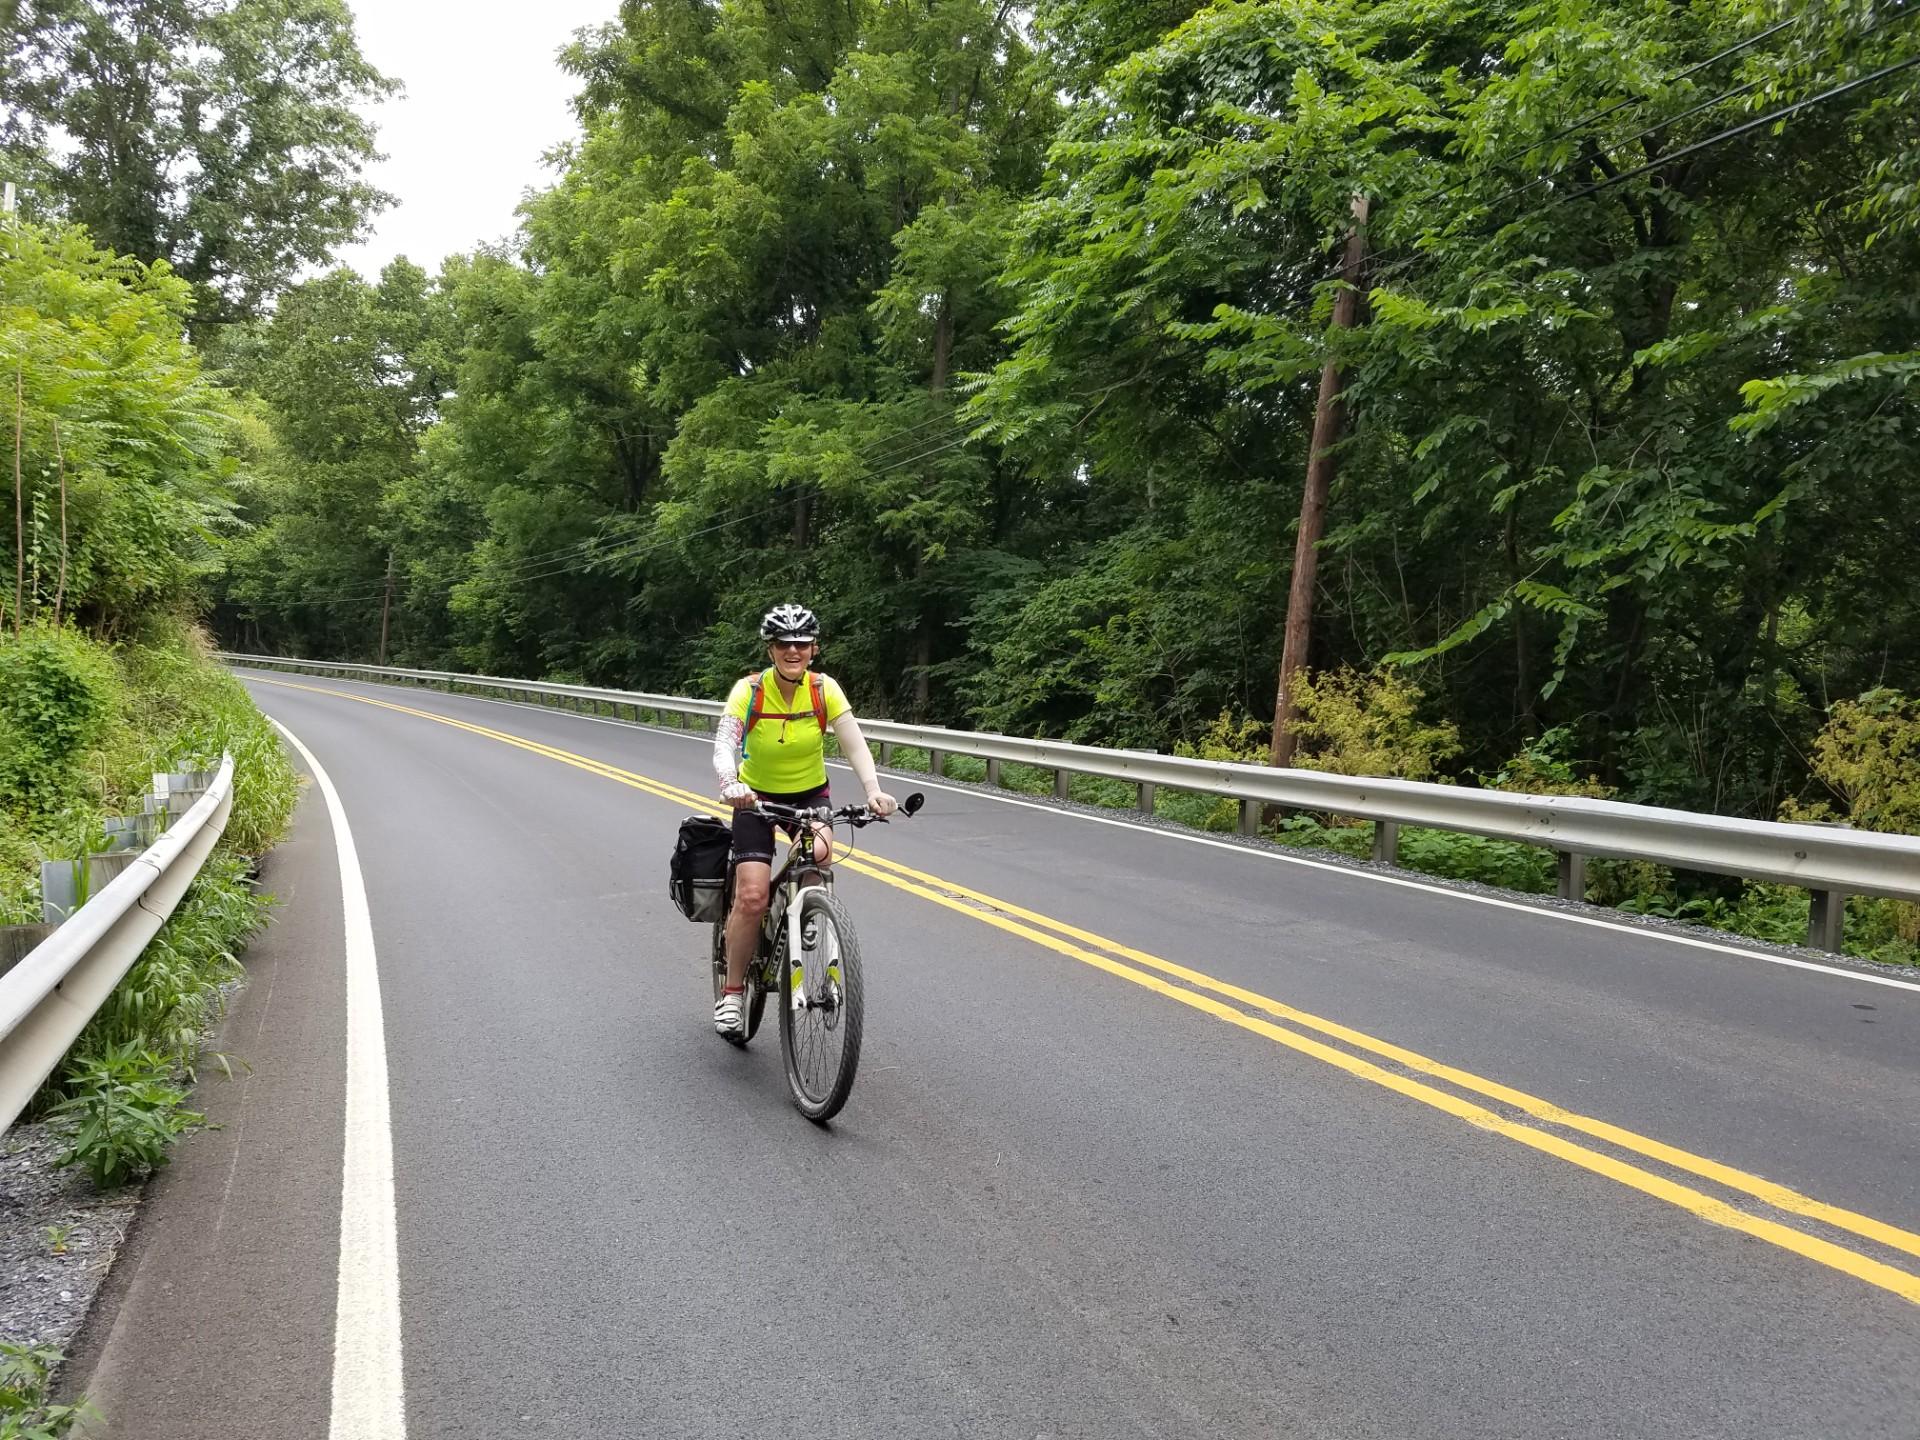 Barbara zawsze była bardzo aktywna - jeździ na rowerze, biega (fot: materiały archiwalne)